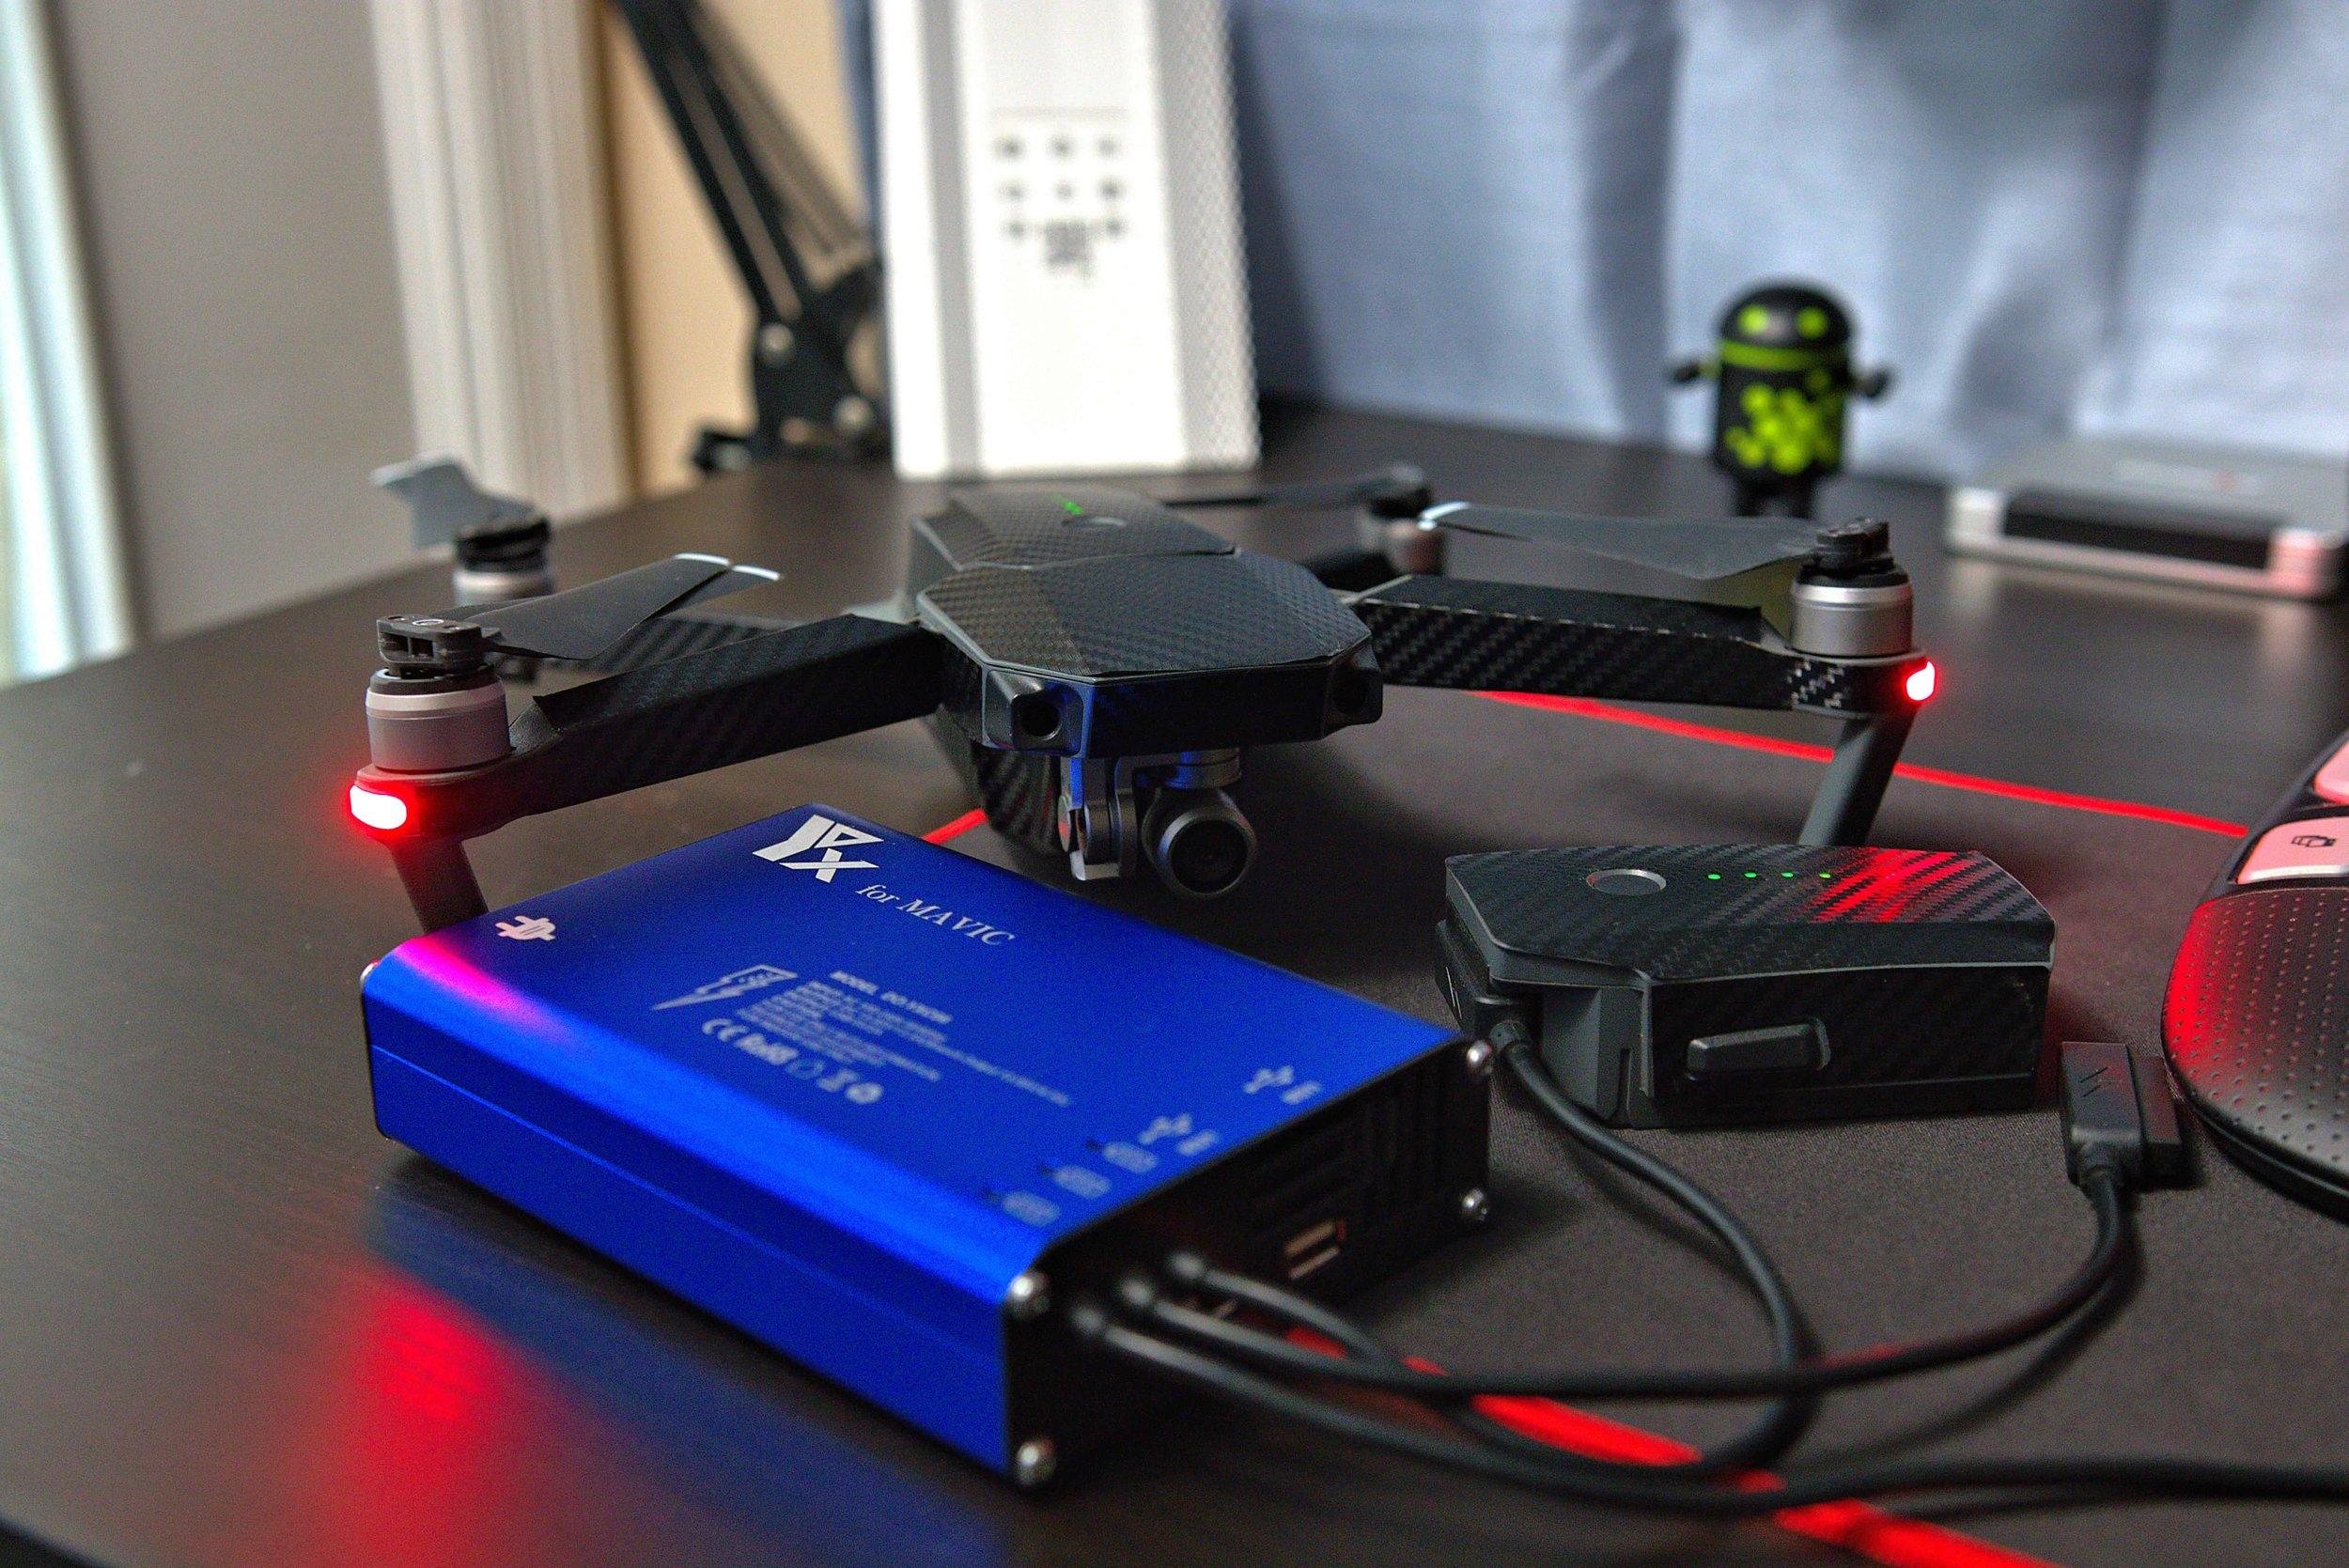 Dji Mavic Pro Fast Battery Charger (Yx)